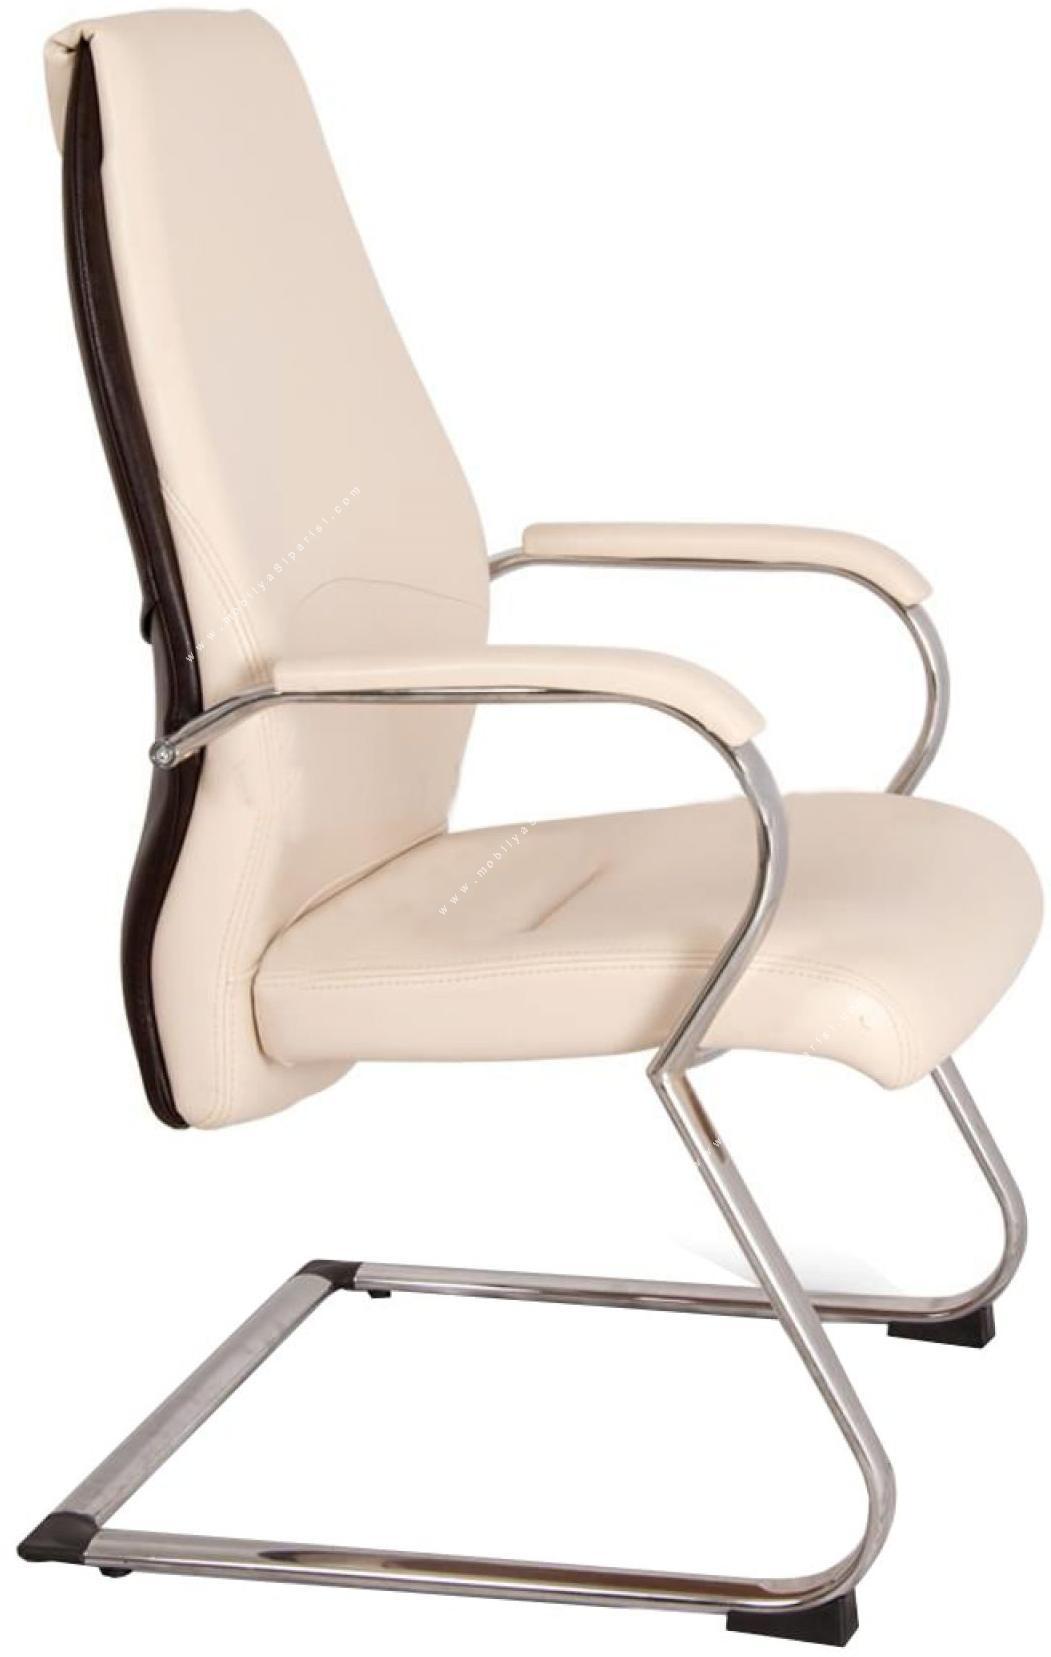 Yaylanır Misafir Sandalyesi